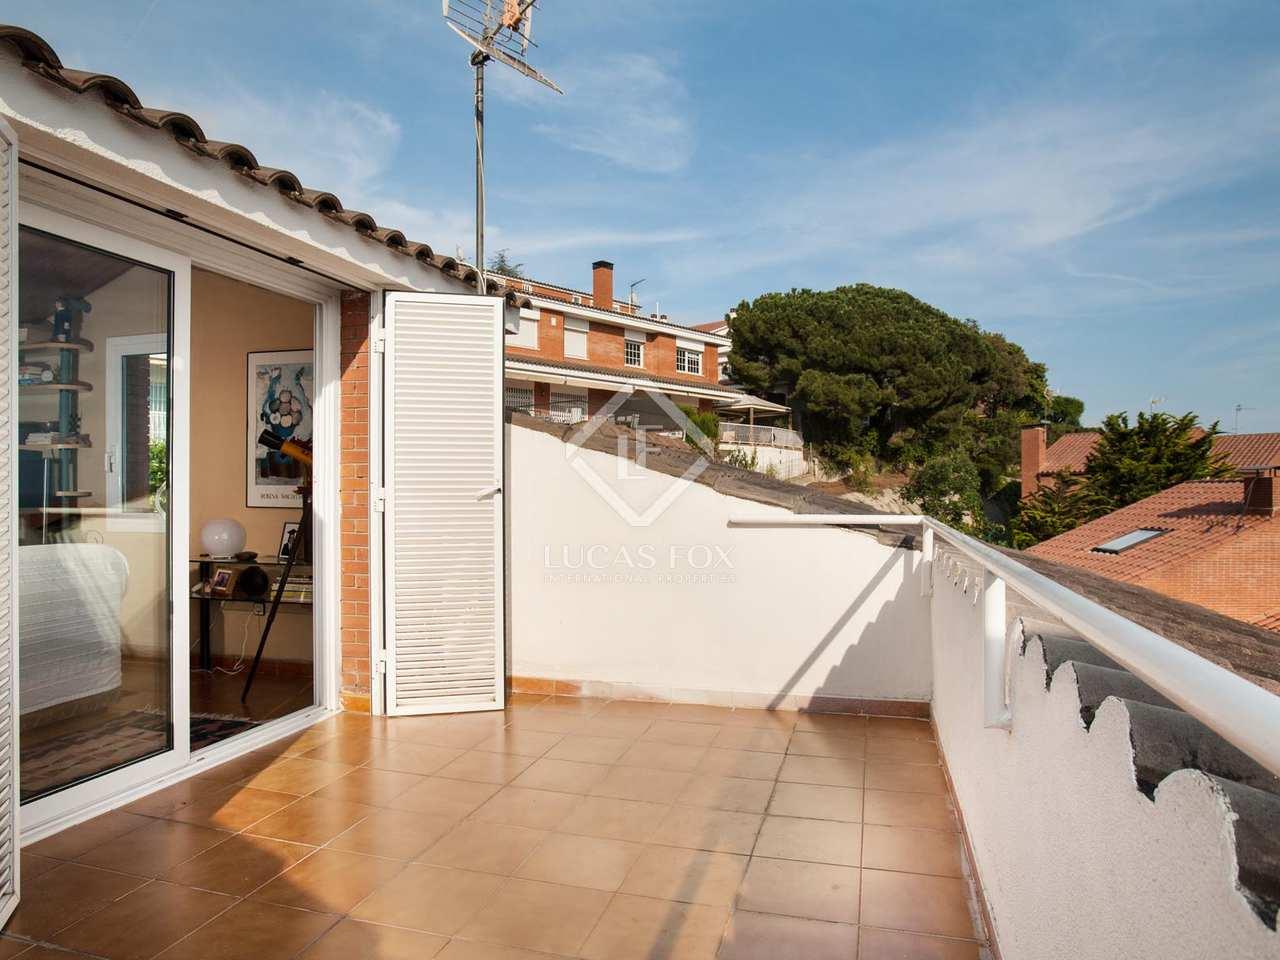 Casa con 4 dormitorios y jard n privado en venta en tei for Jardin villa bonita culiacan